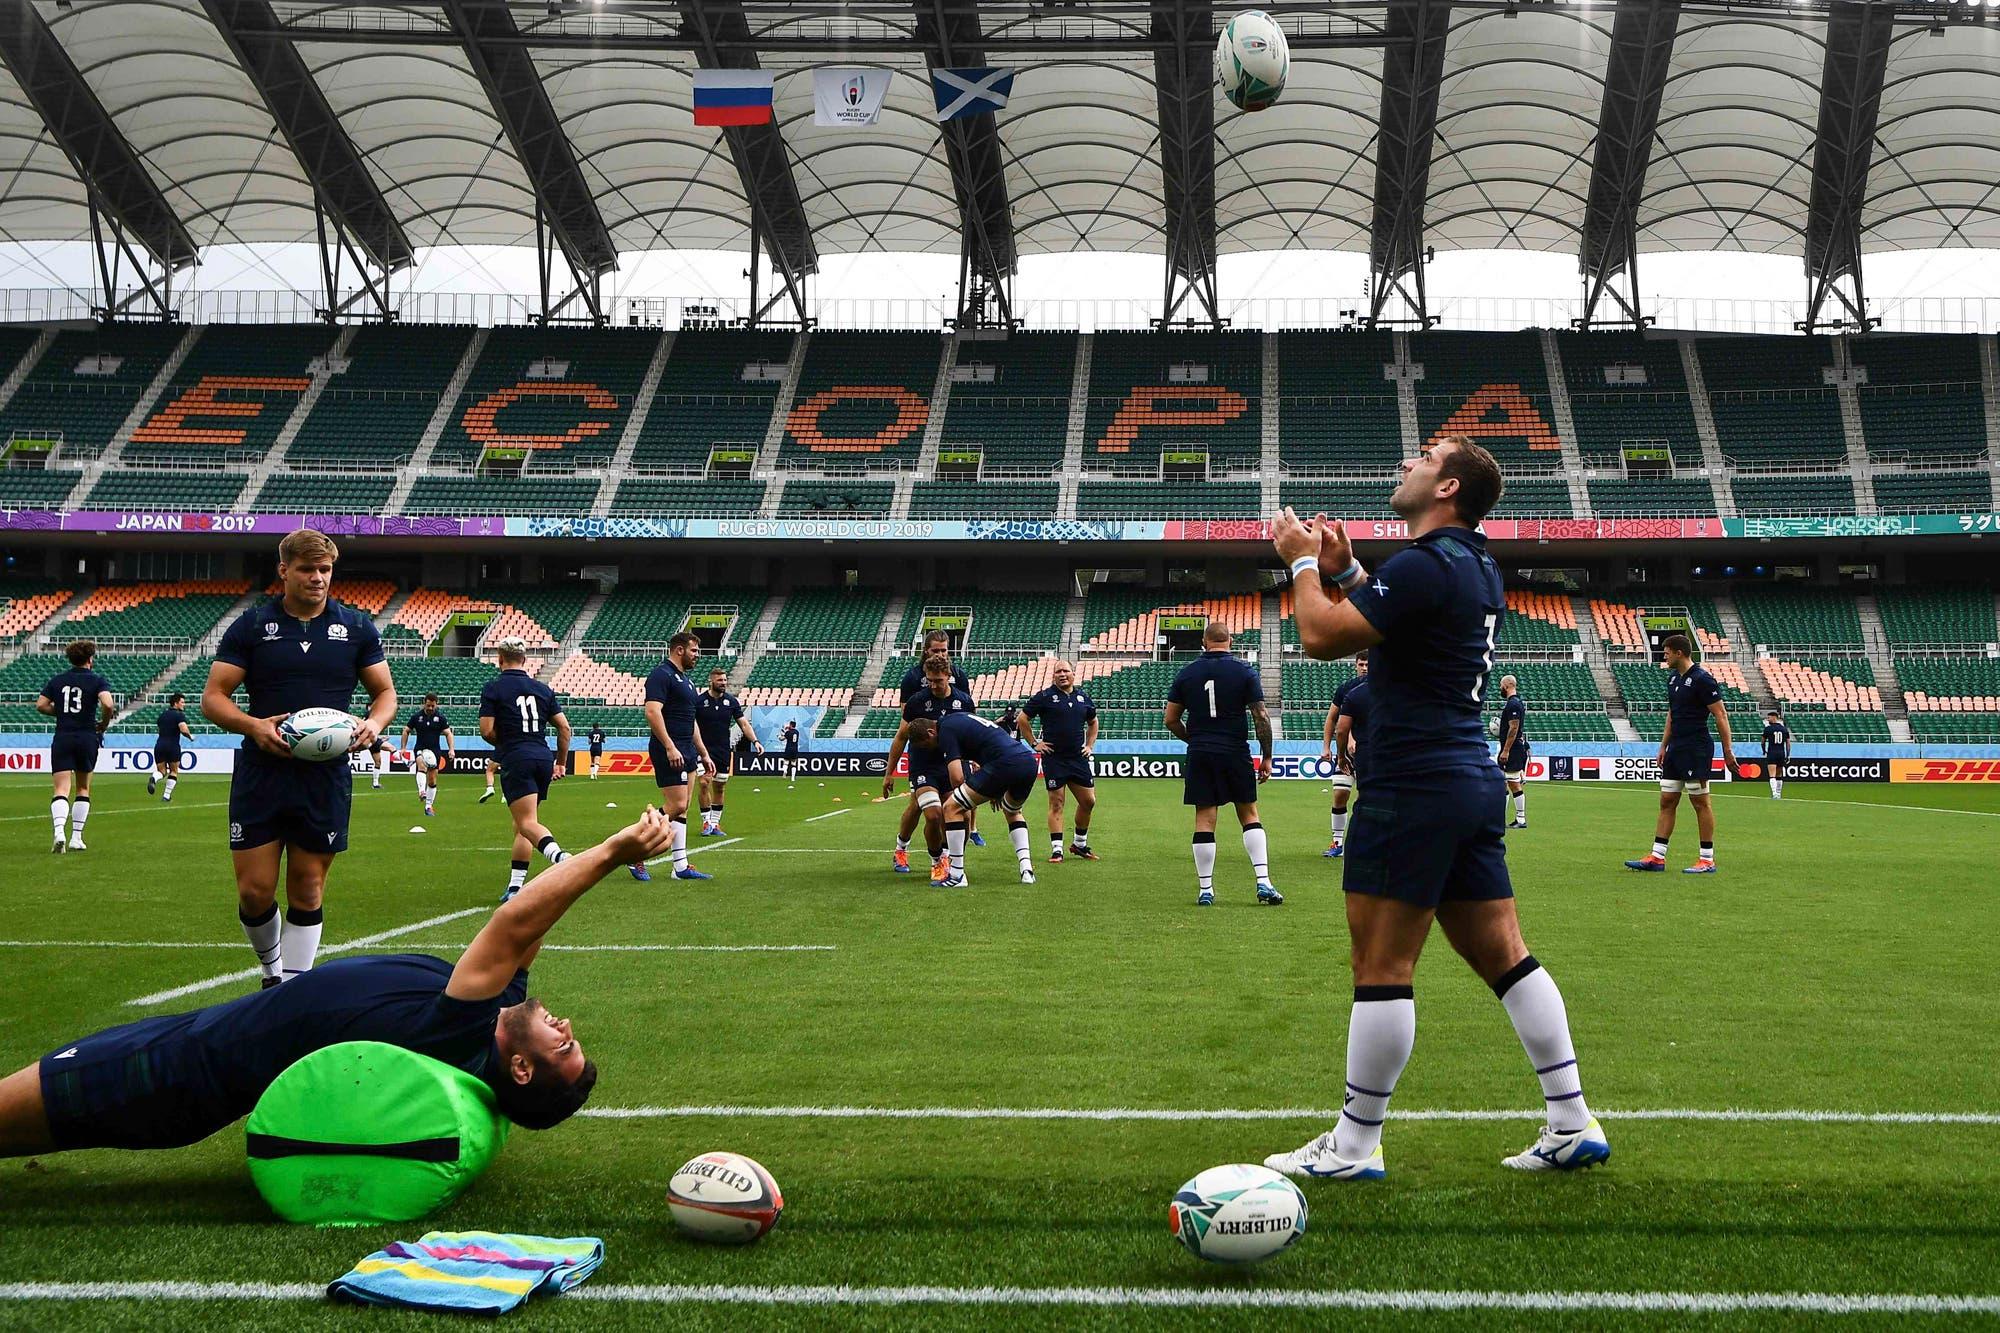 El tifón Hagibis levanta protestas en el Mundial de rugby de Japón: los empates por reglamento y el enojo de Escocia e Italia